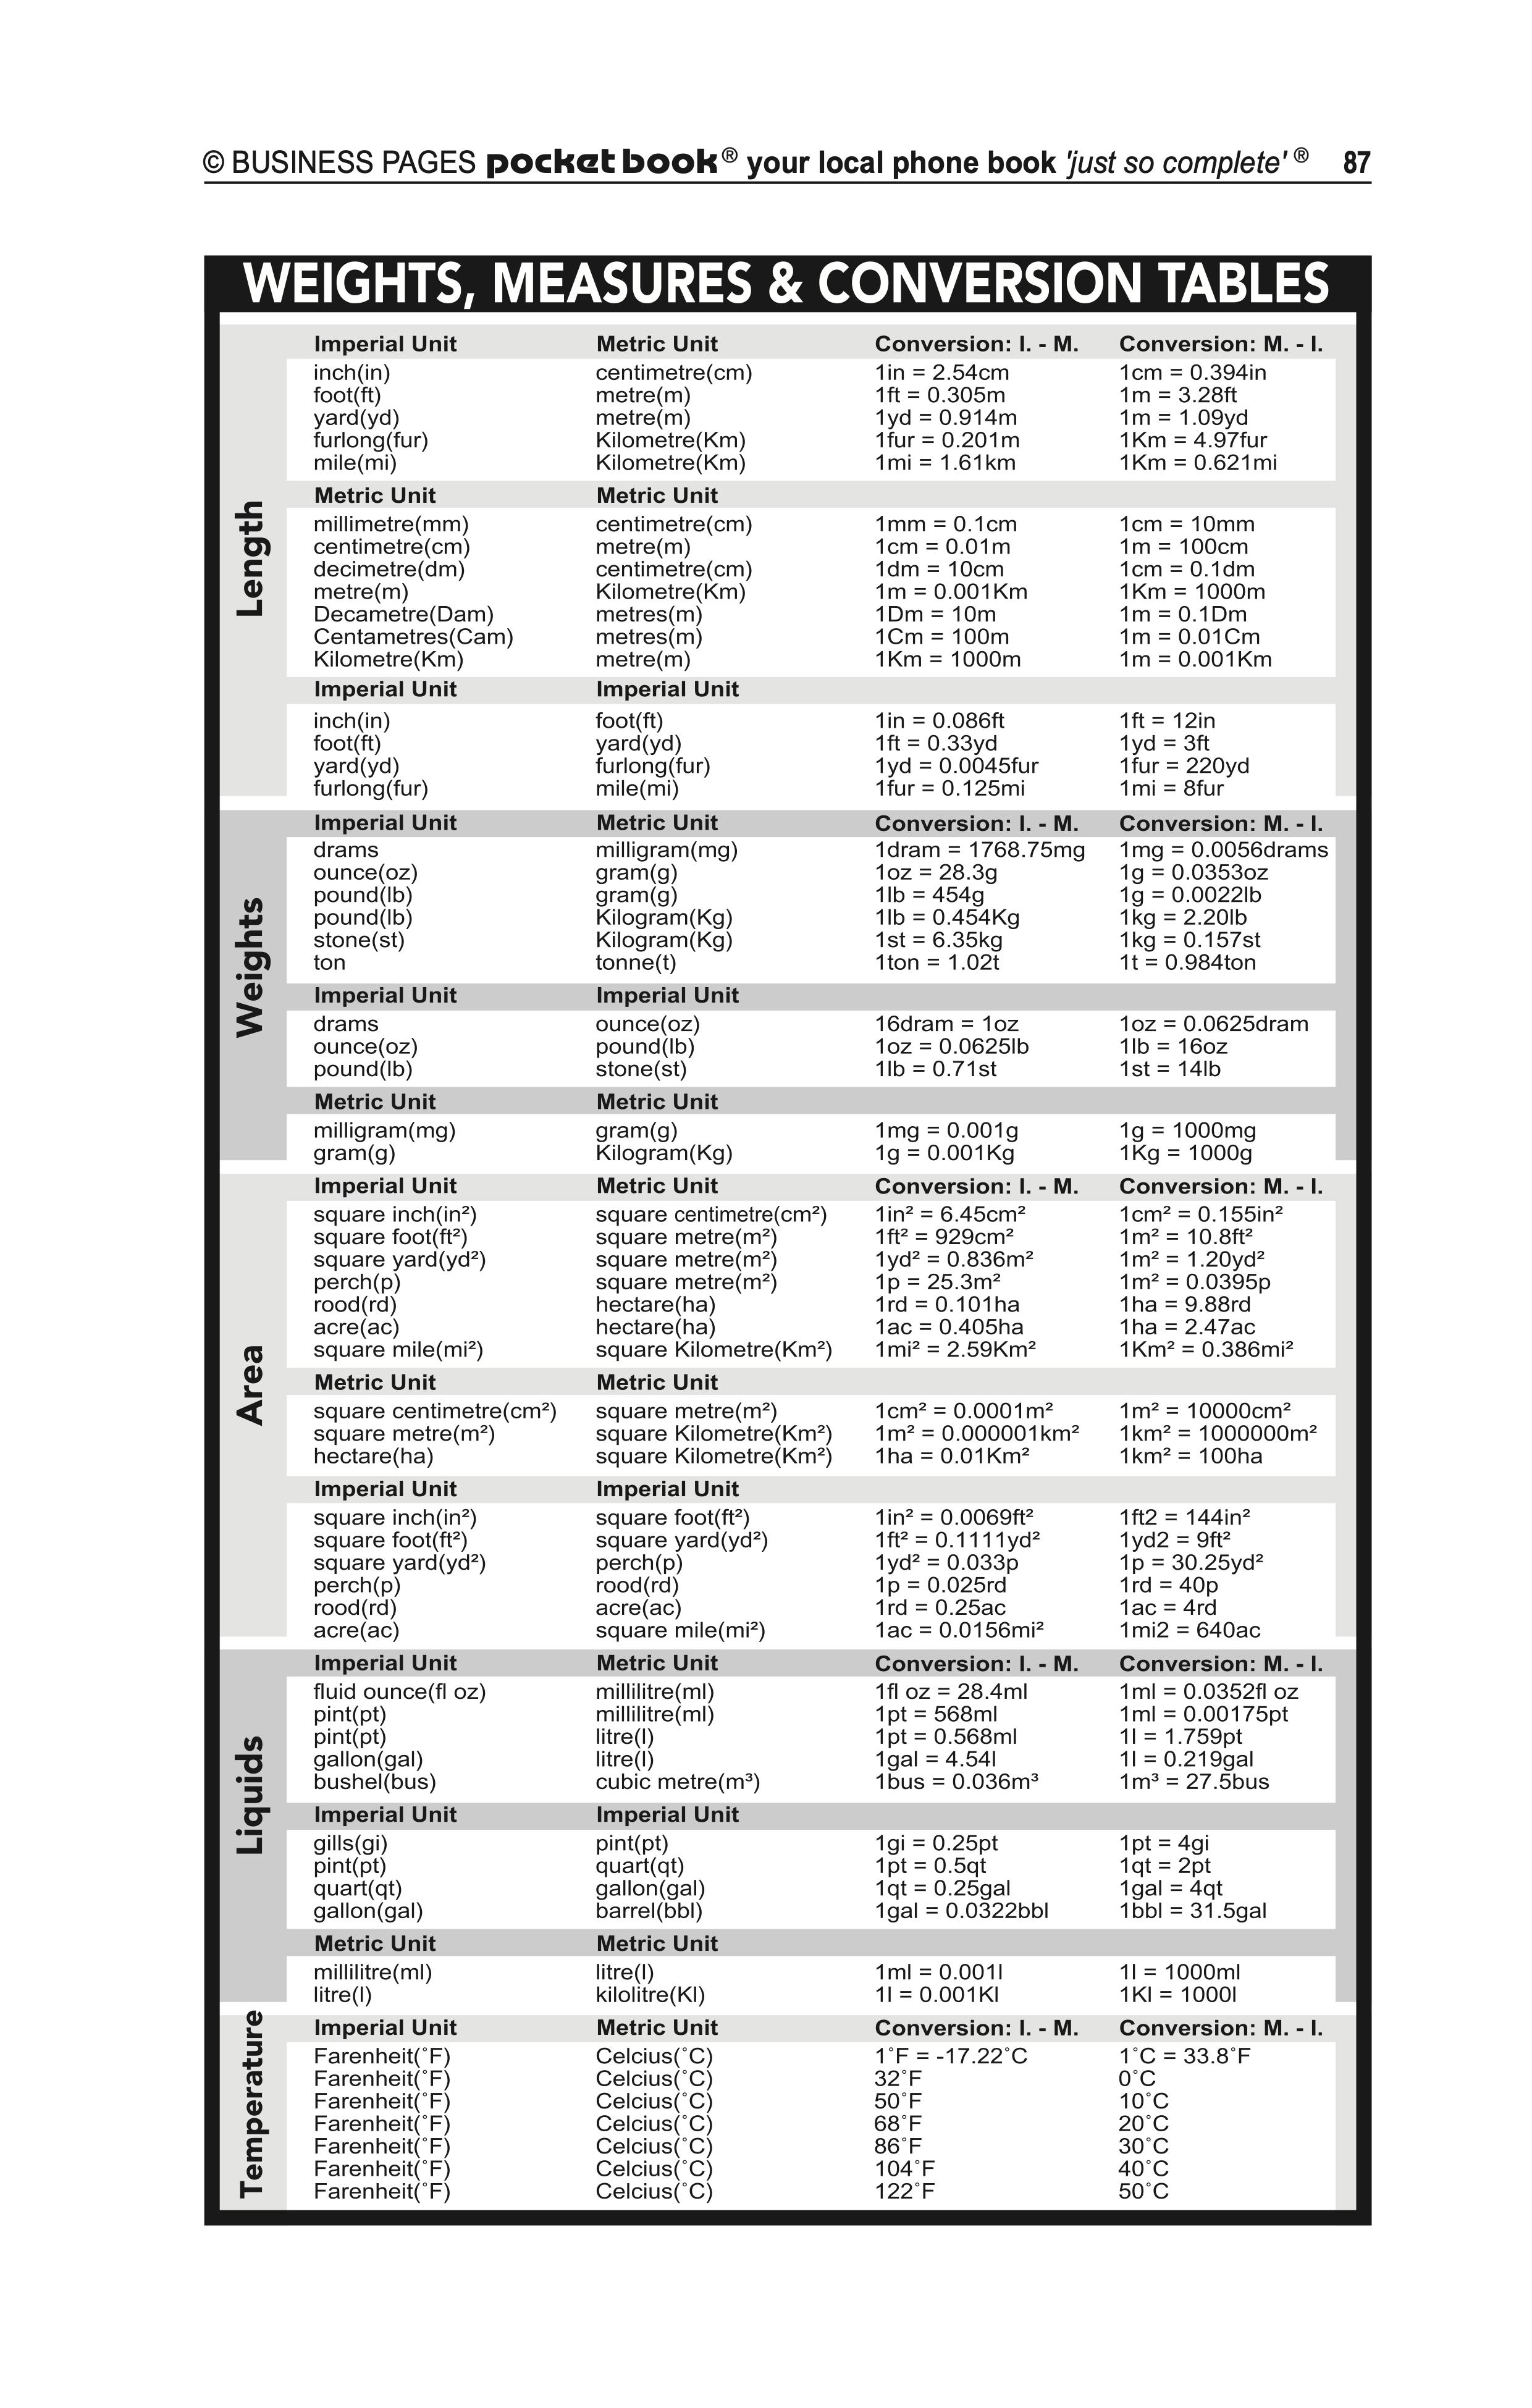 GJA Plumbing in Goondiwindi QLD - page 87